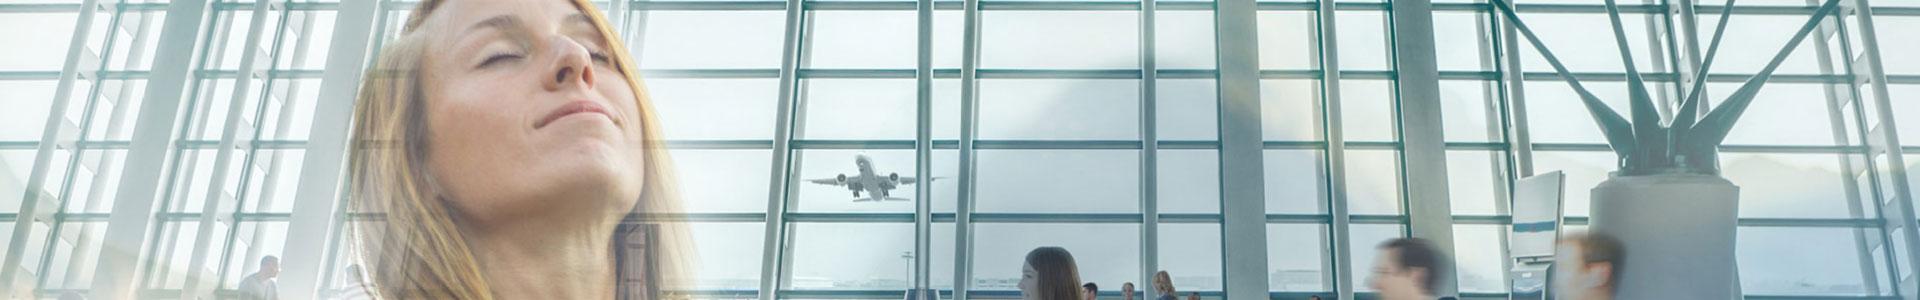 Keyvisual Flughafen SCHAKO